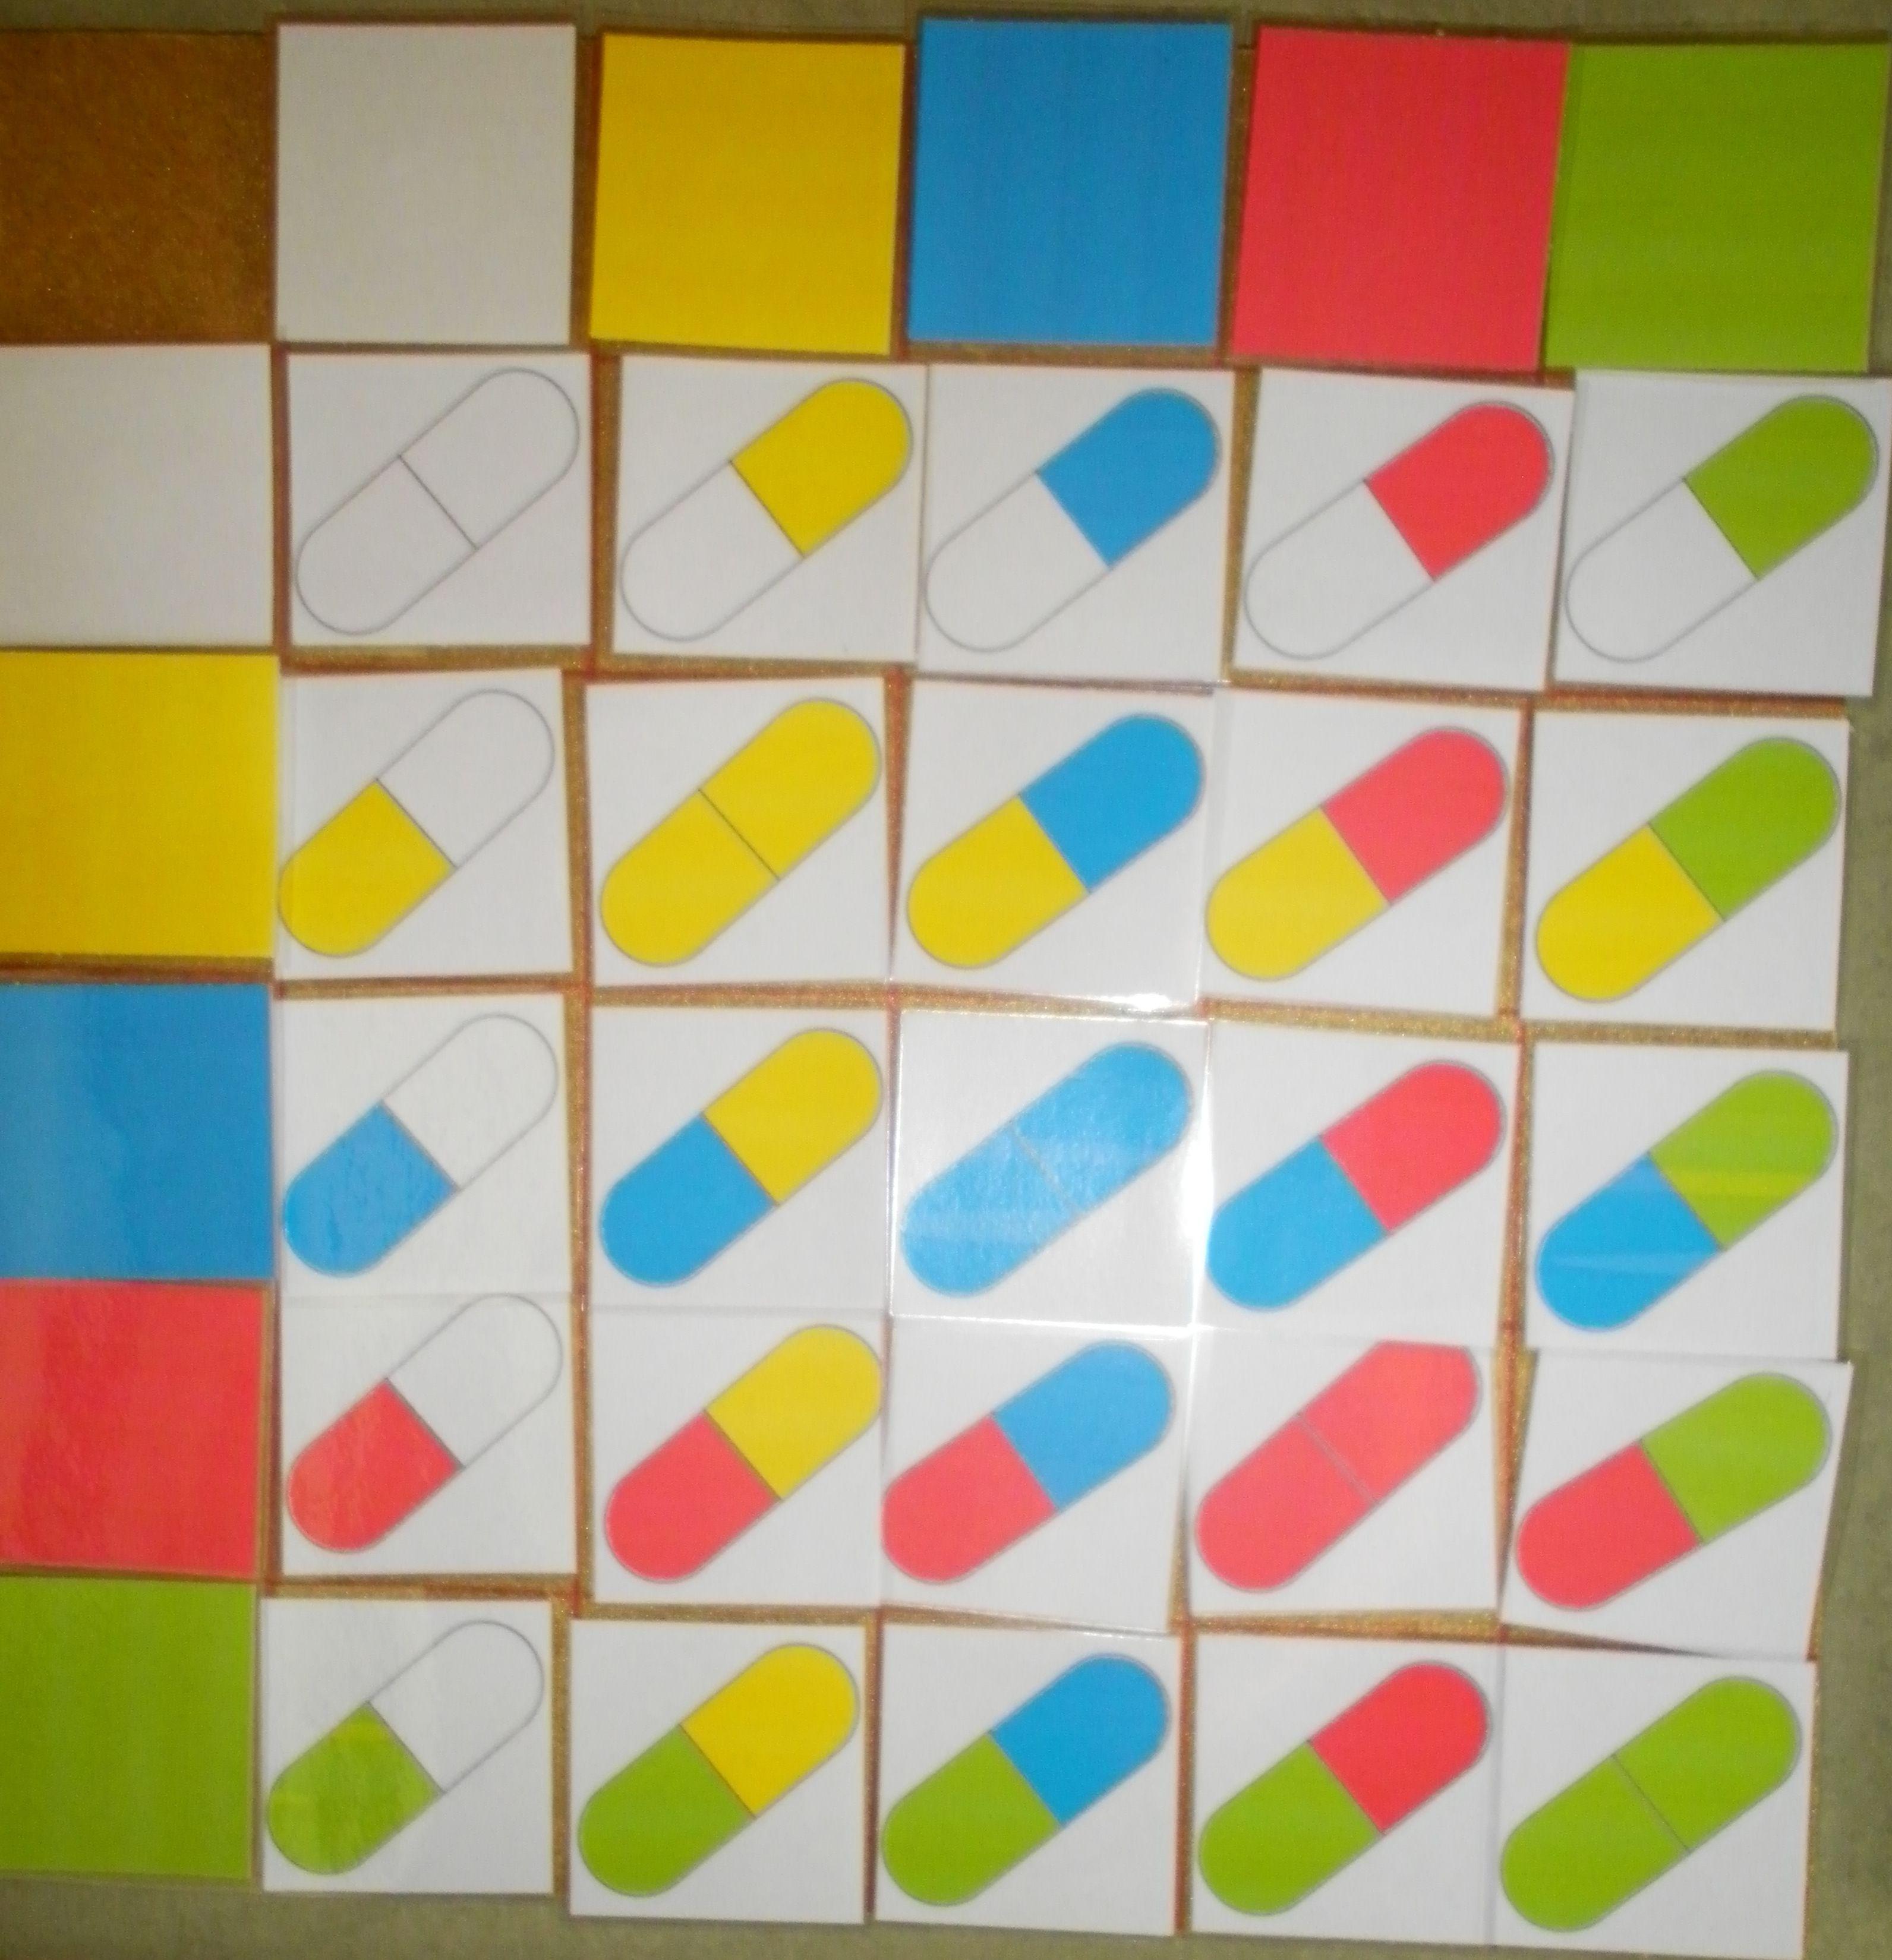 Matrix Niveau 4 Kleuren Voorloper Van Een Matrix Met